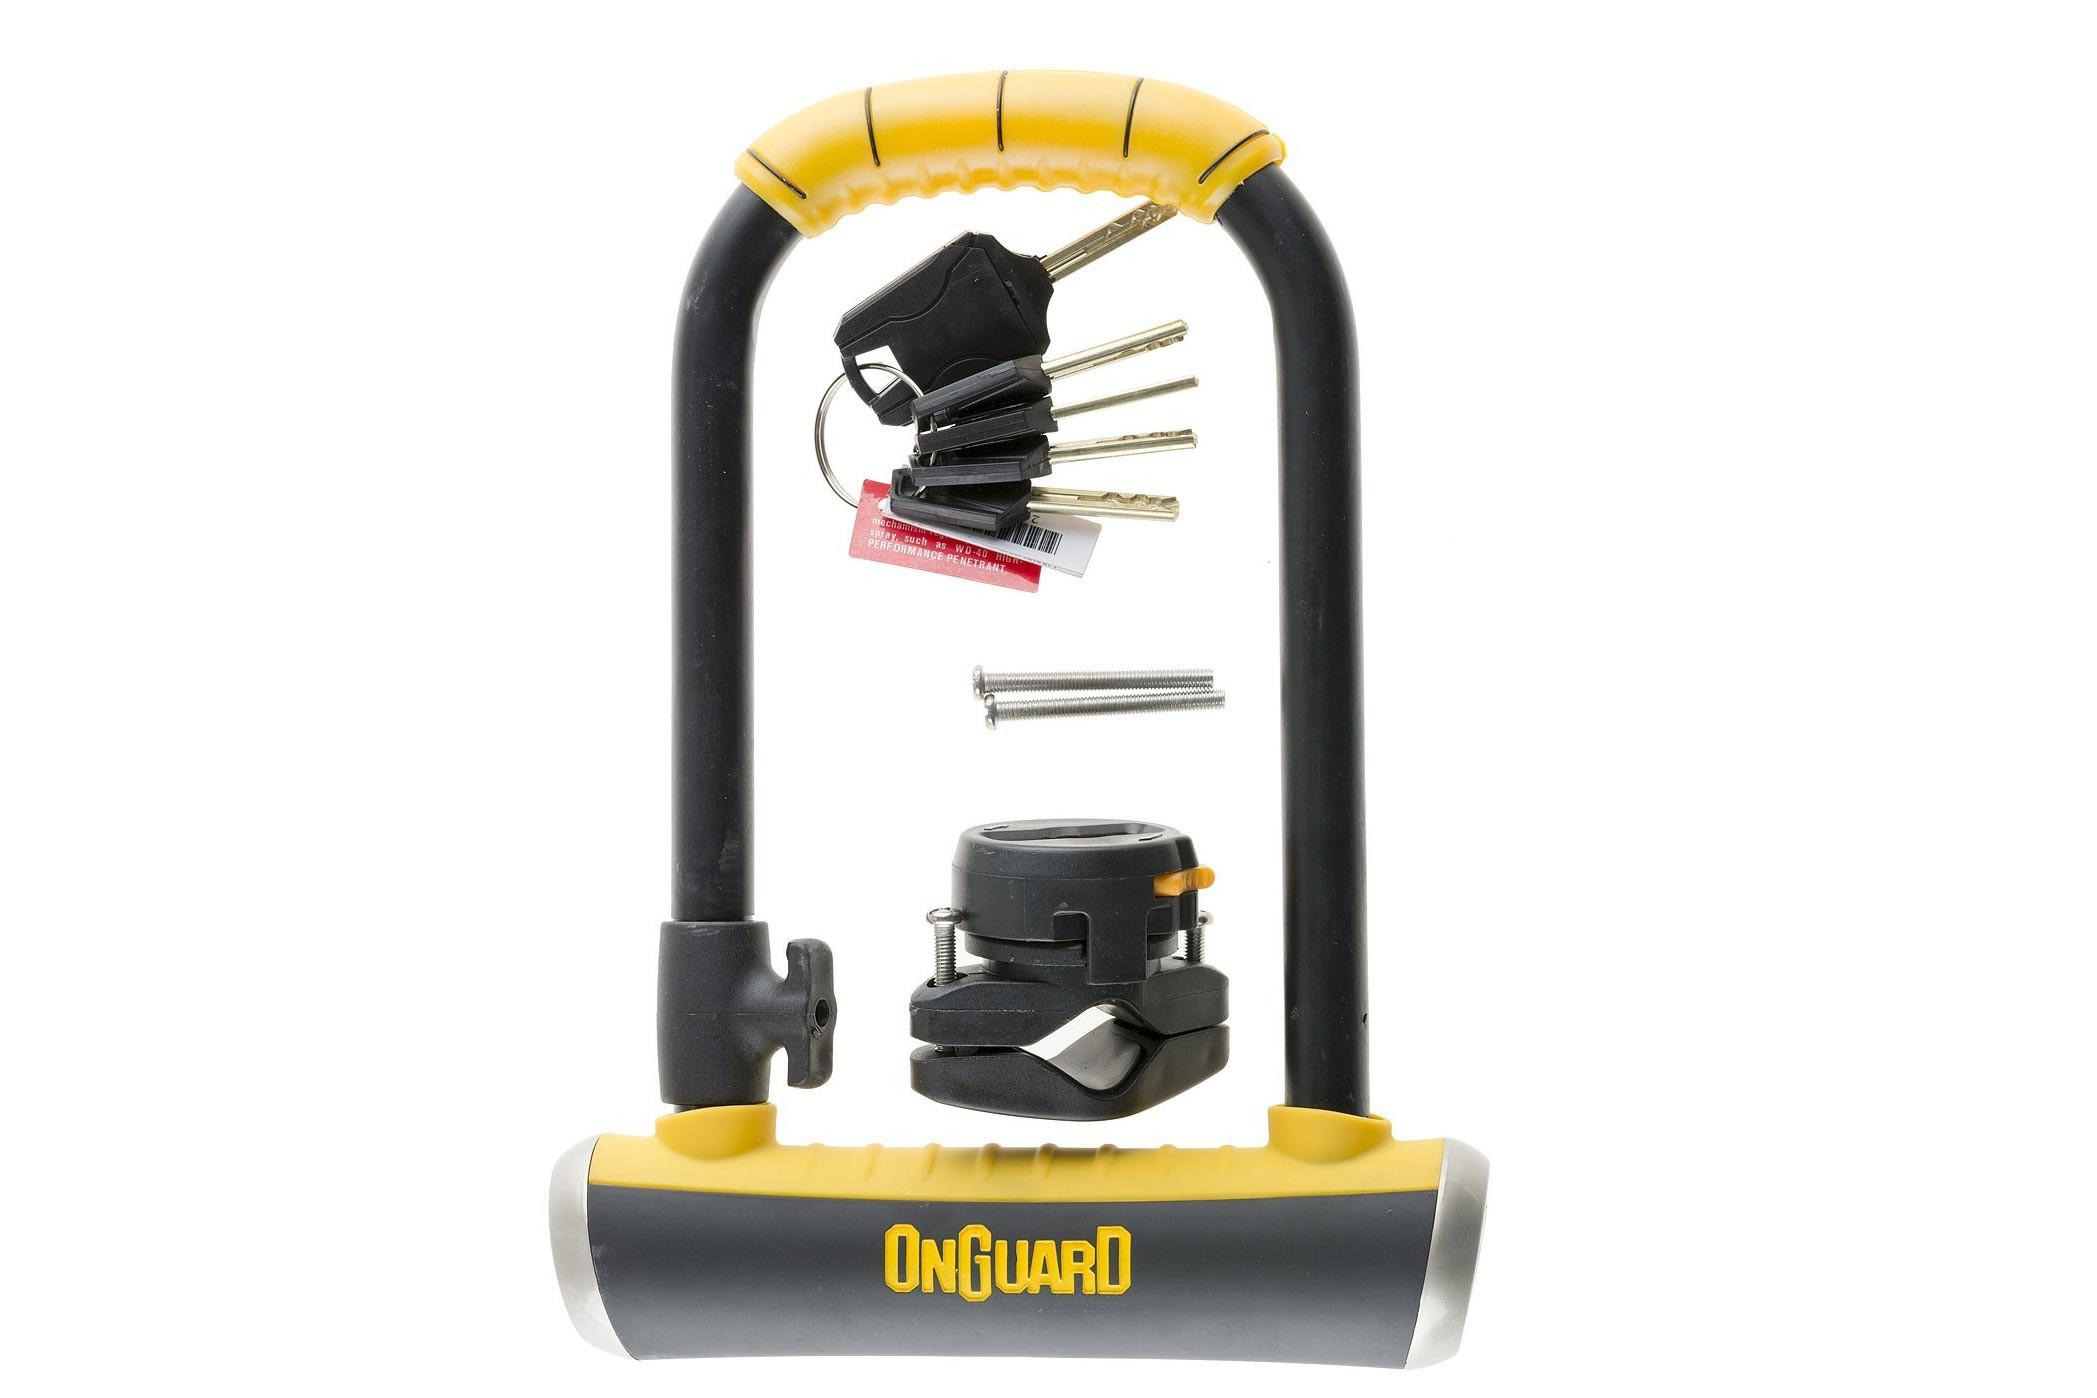 Zamknięcie ONGUARD Brute STD 8001 U-LOCK - 5 x Klucze z kodem